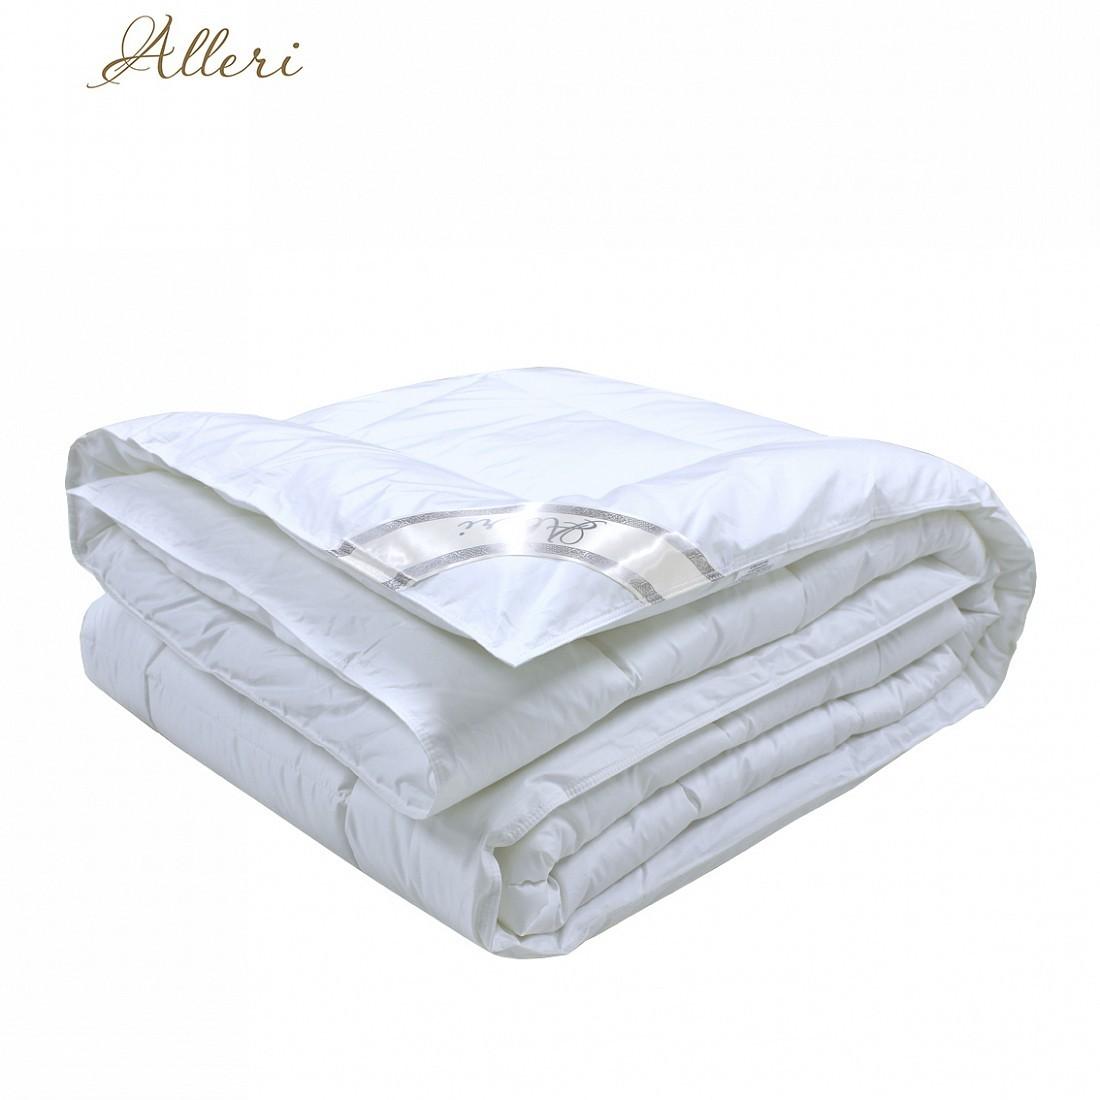 Одеяло Эко-пух (Батист), 300 гр